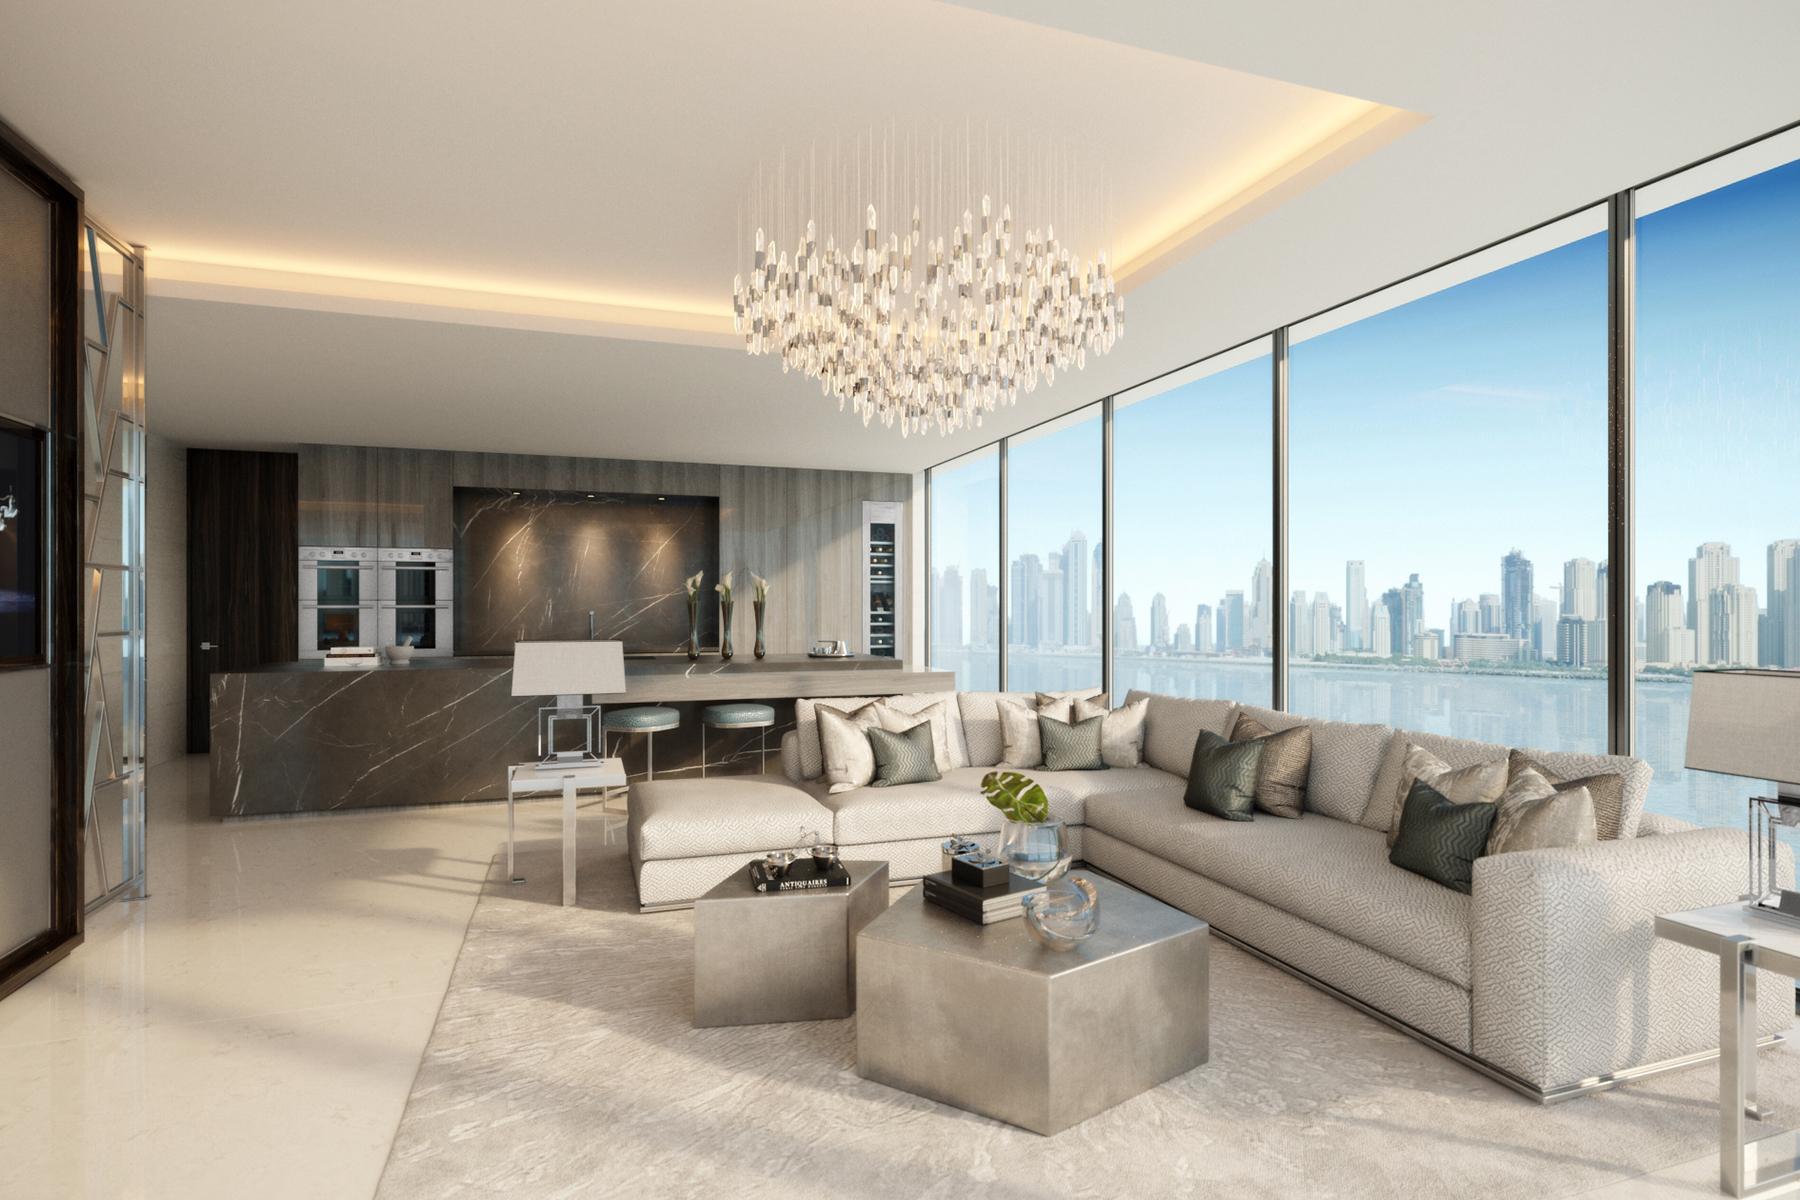 Квартира для того Продажа на One Palm - Simplex Apartment Dubai, Дубай Объединенные Арабские Эмираты